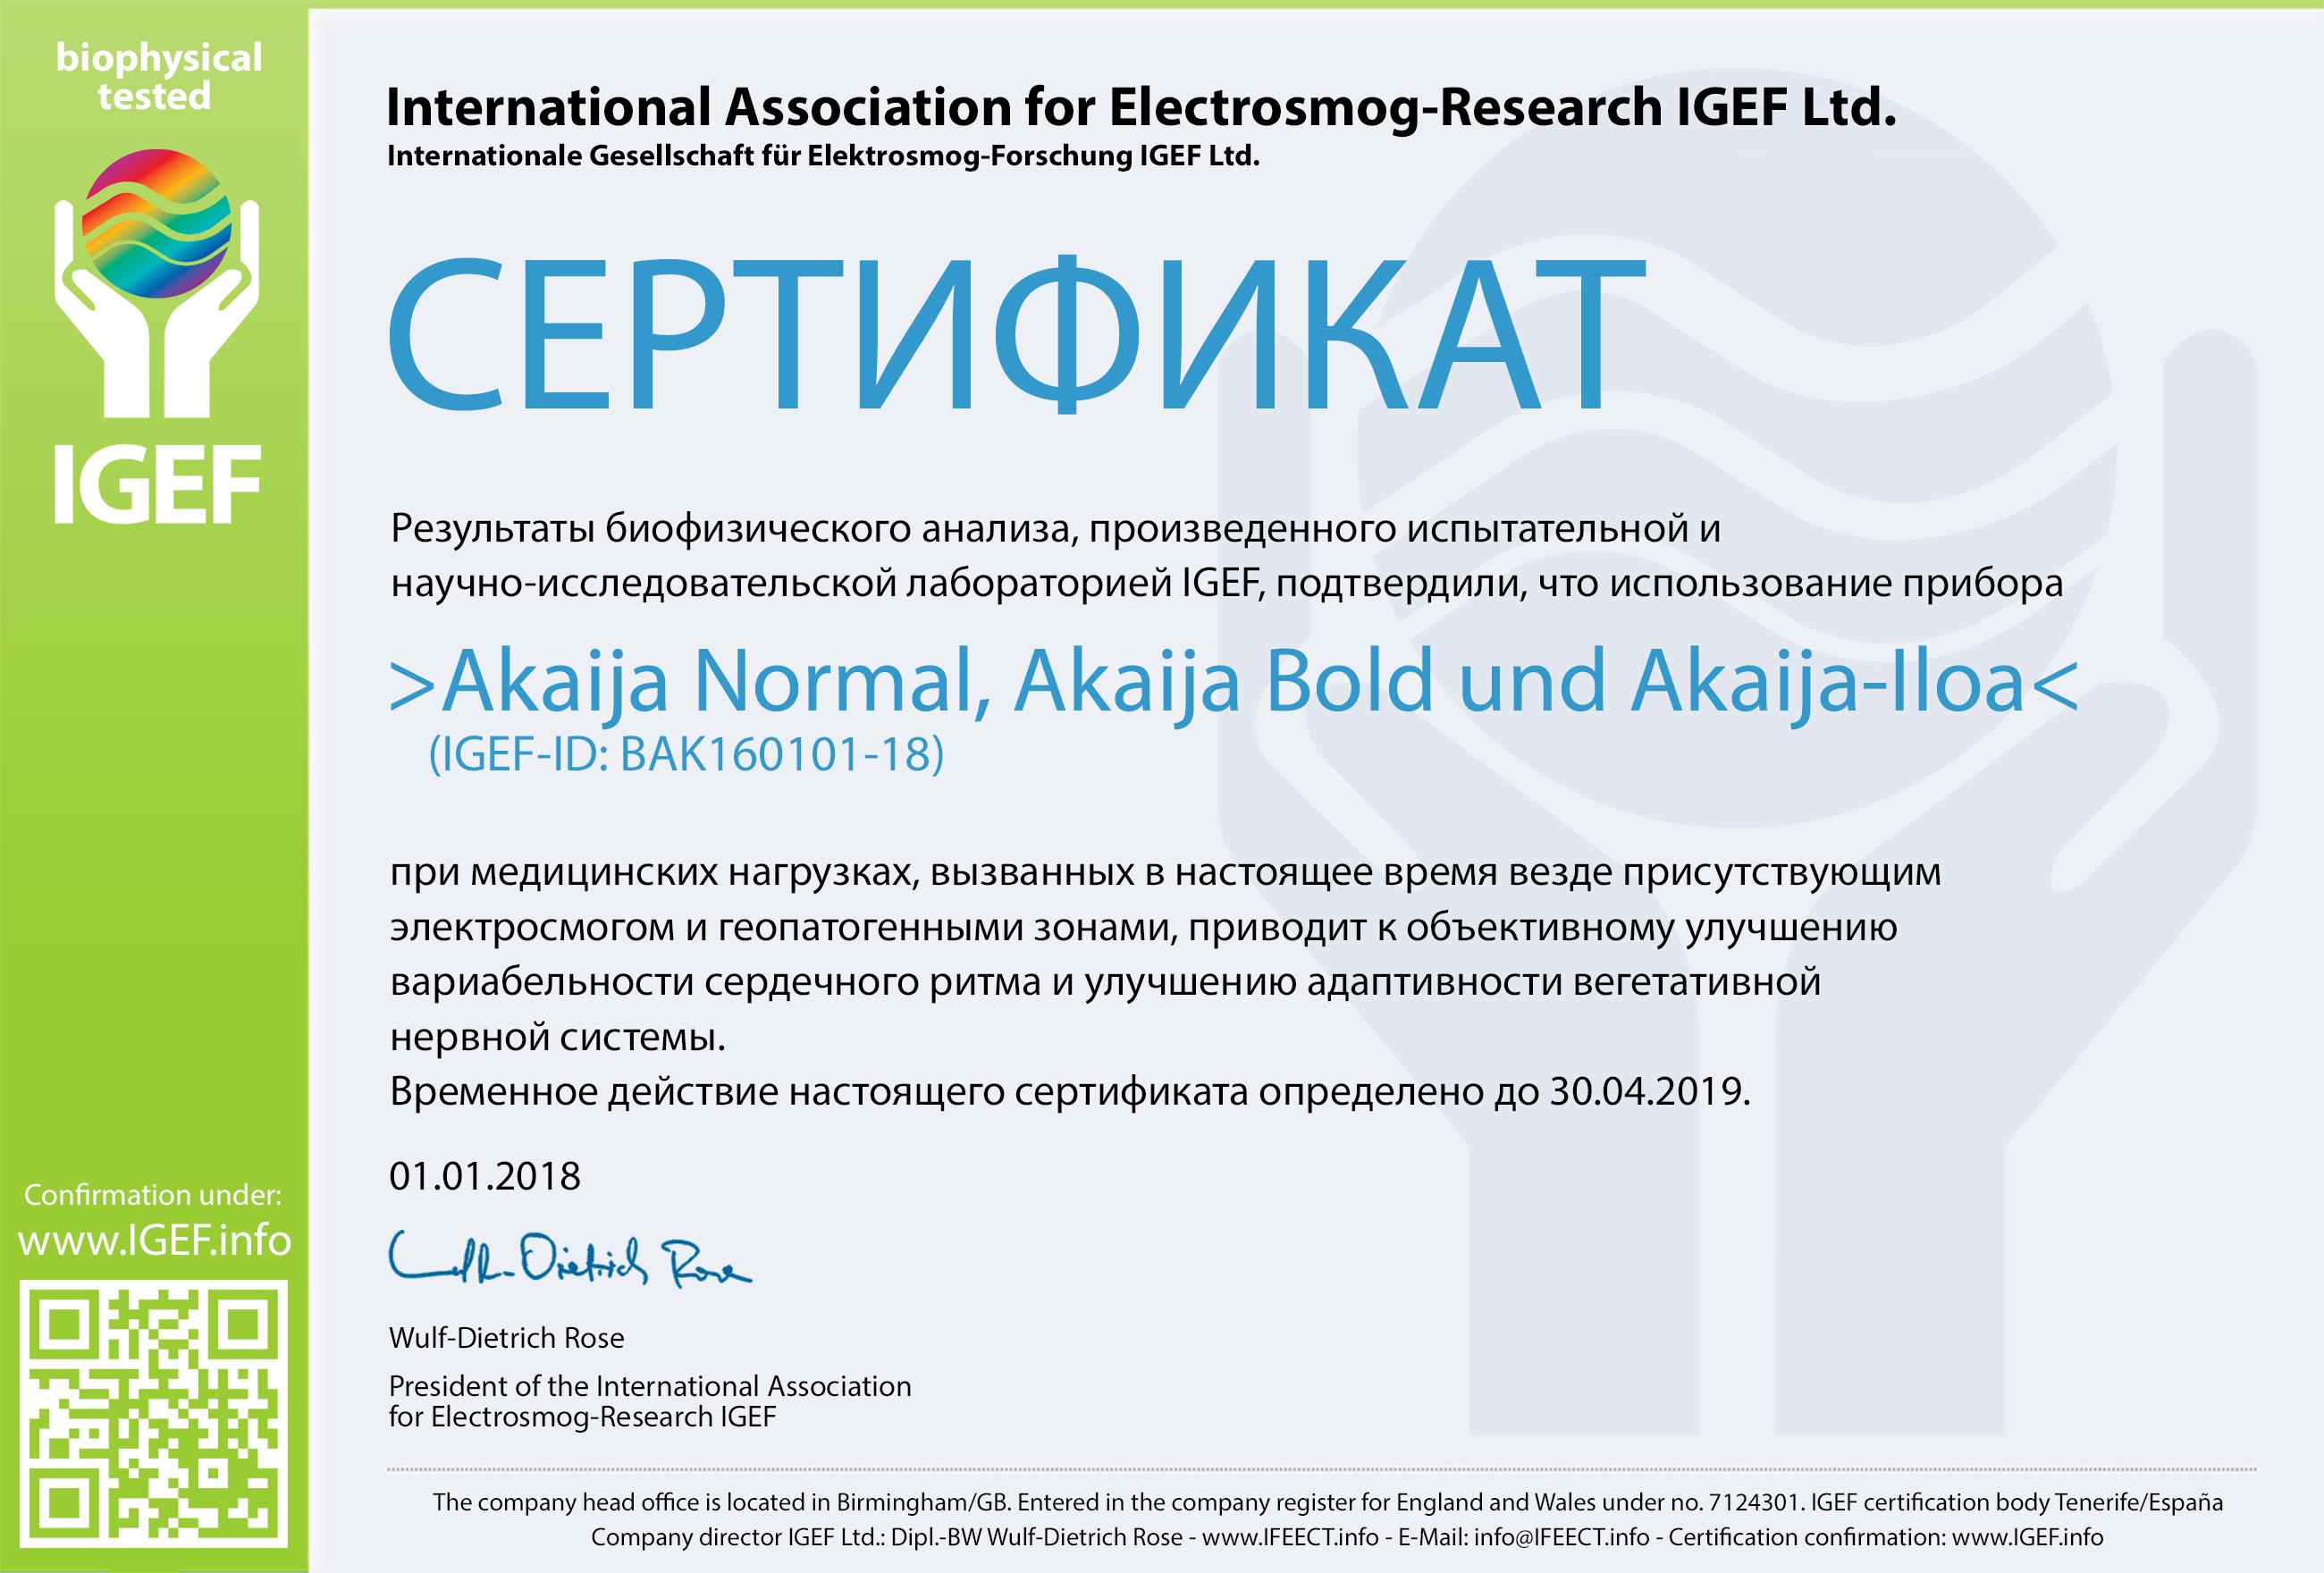 IGEF-Zertifikat-BAK-RU-18